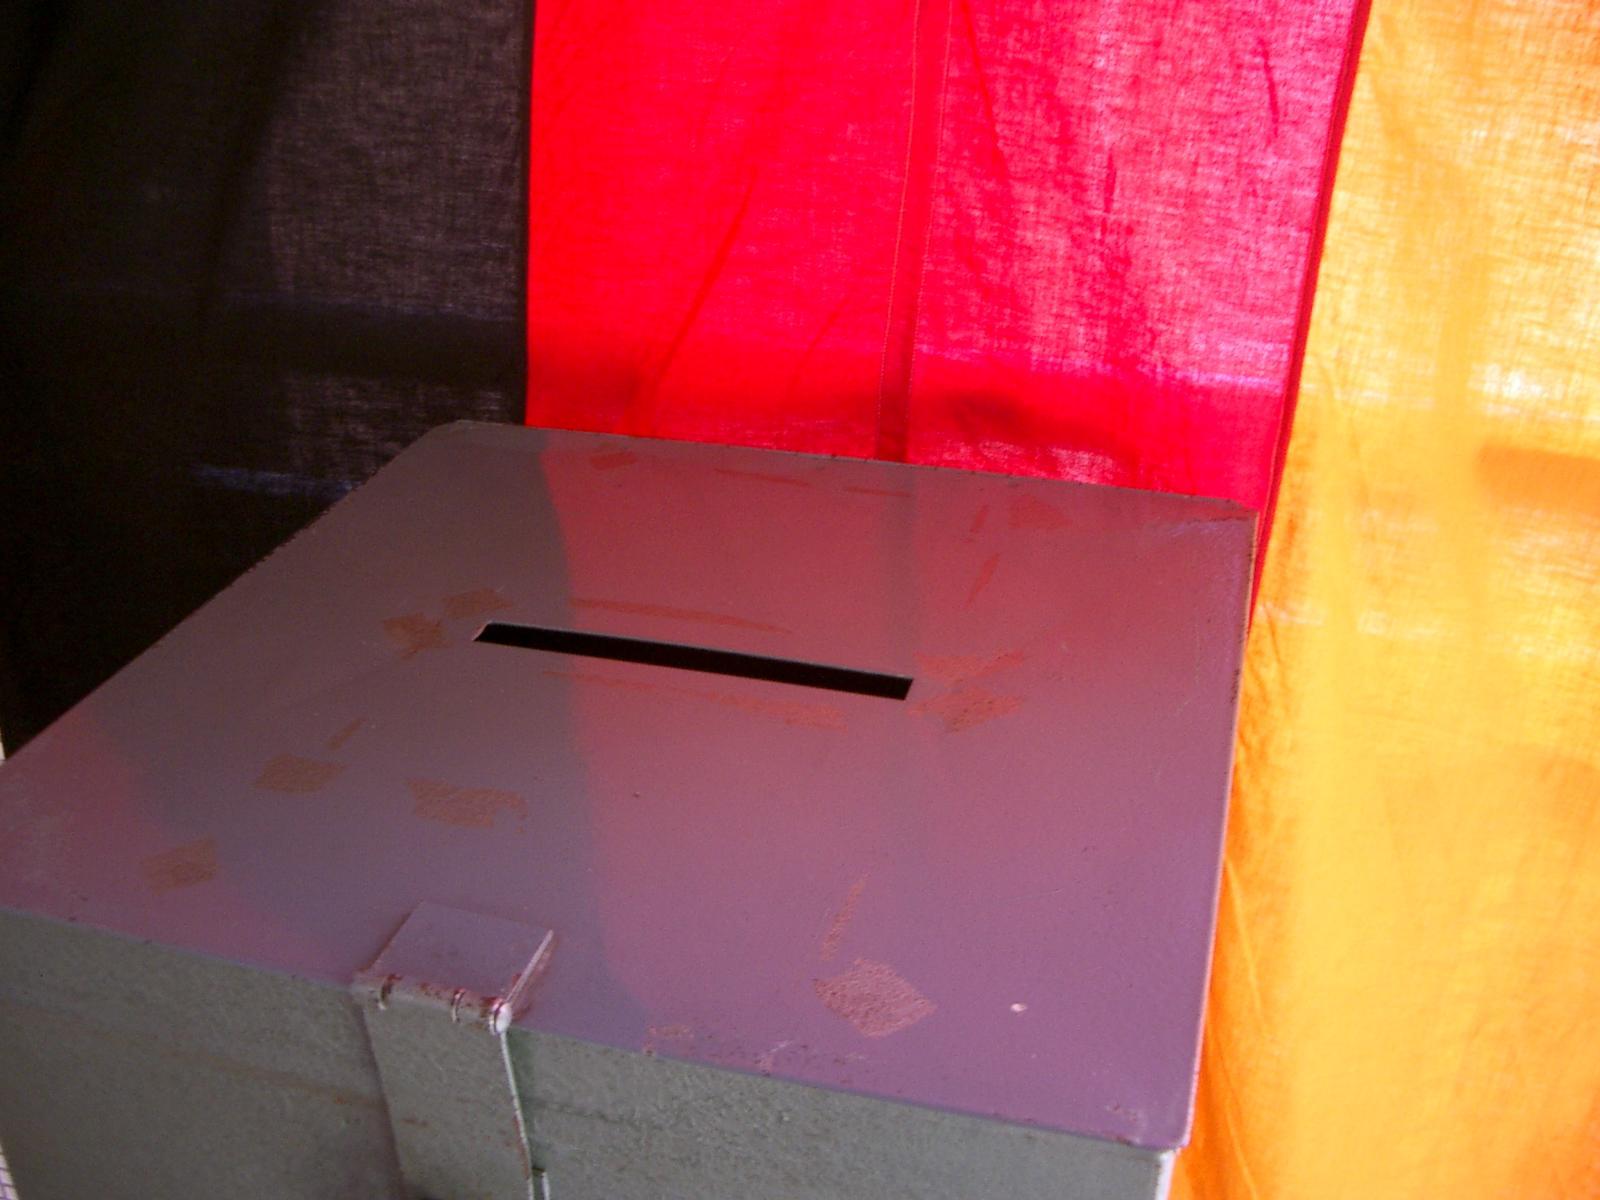 Bundestagswahlurne